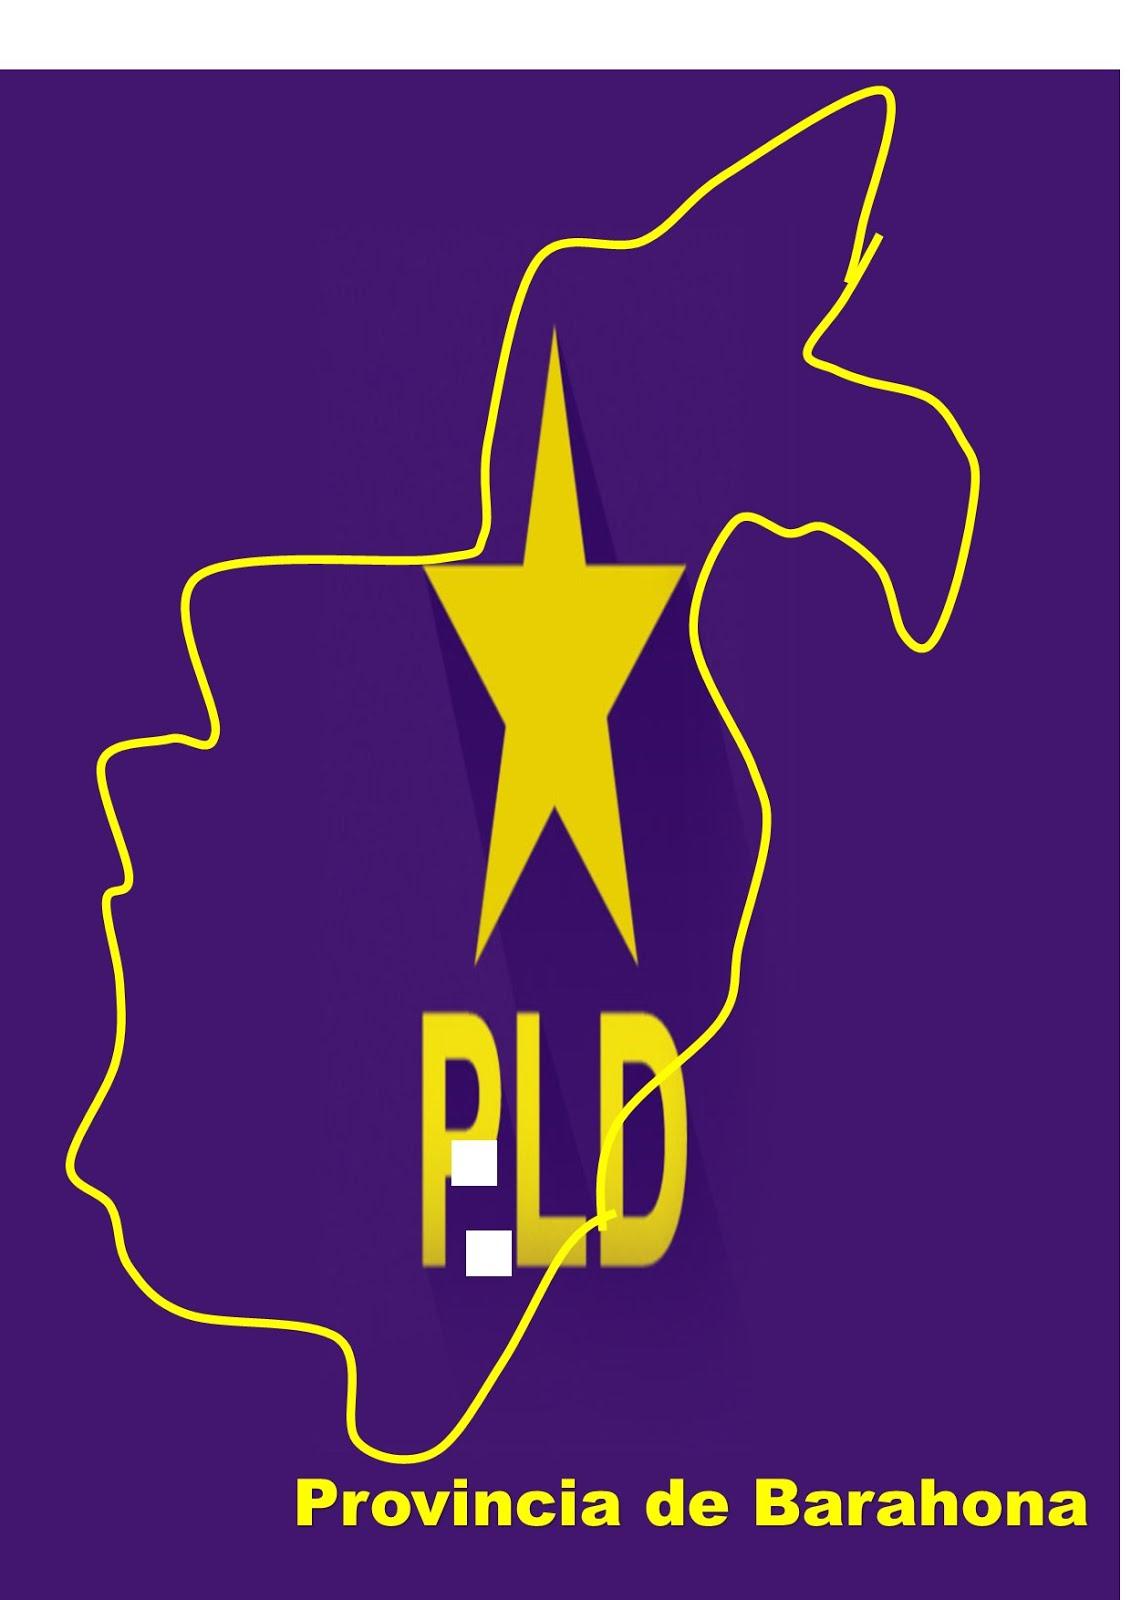 PLD PROVINCIA DE BARAHONA